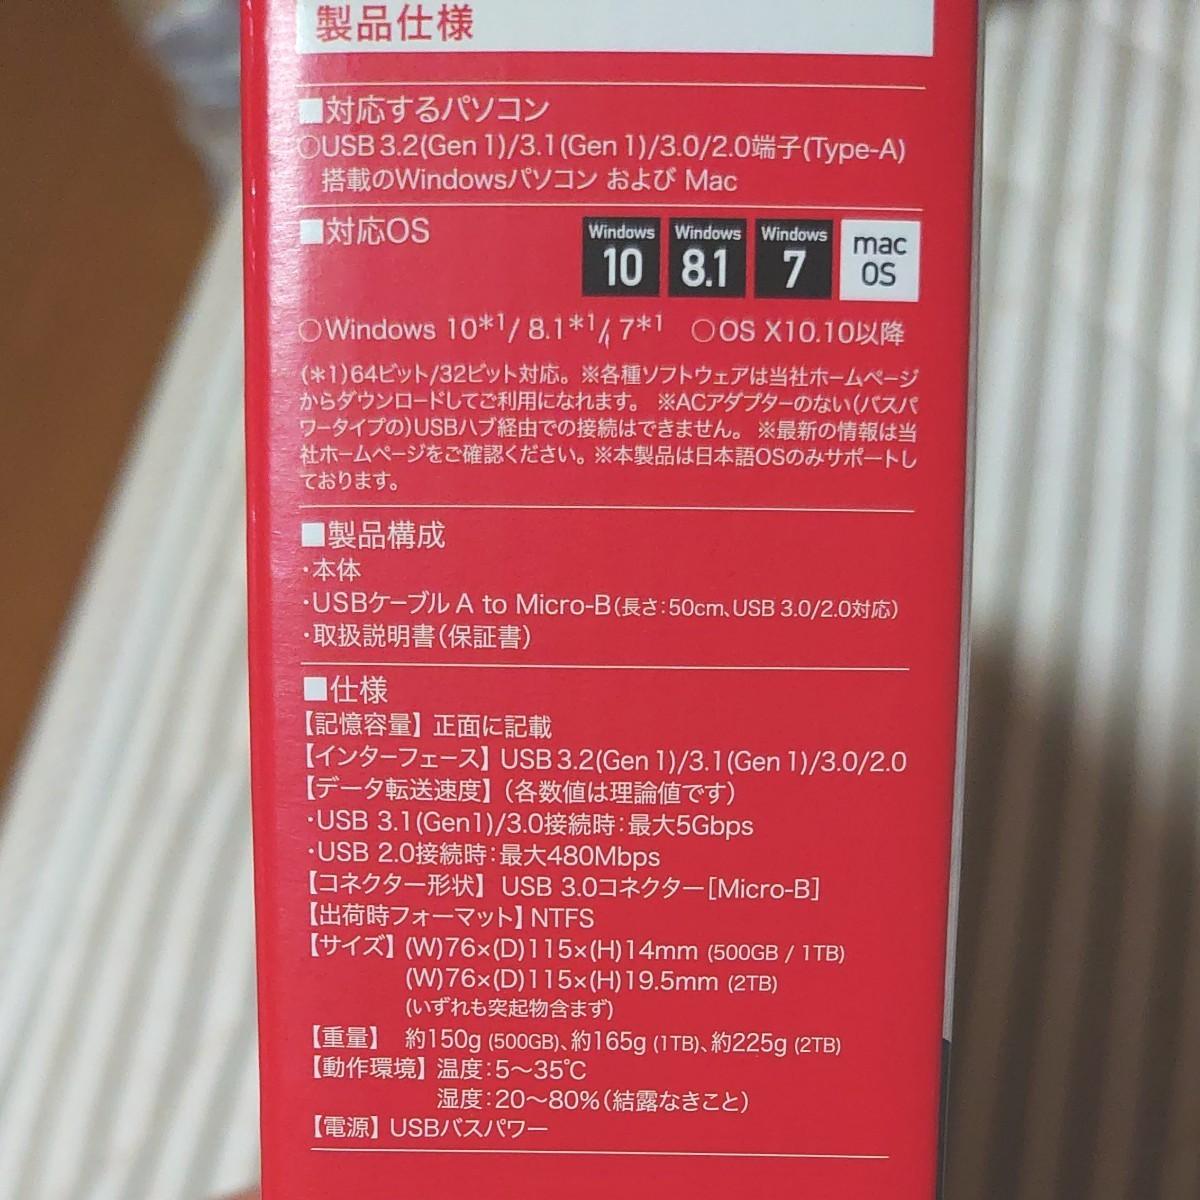 新品未使用 2TB バッファロー BUFFALO ポータブルHDD 外付けHDD ポータブルハードディスク